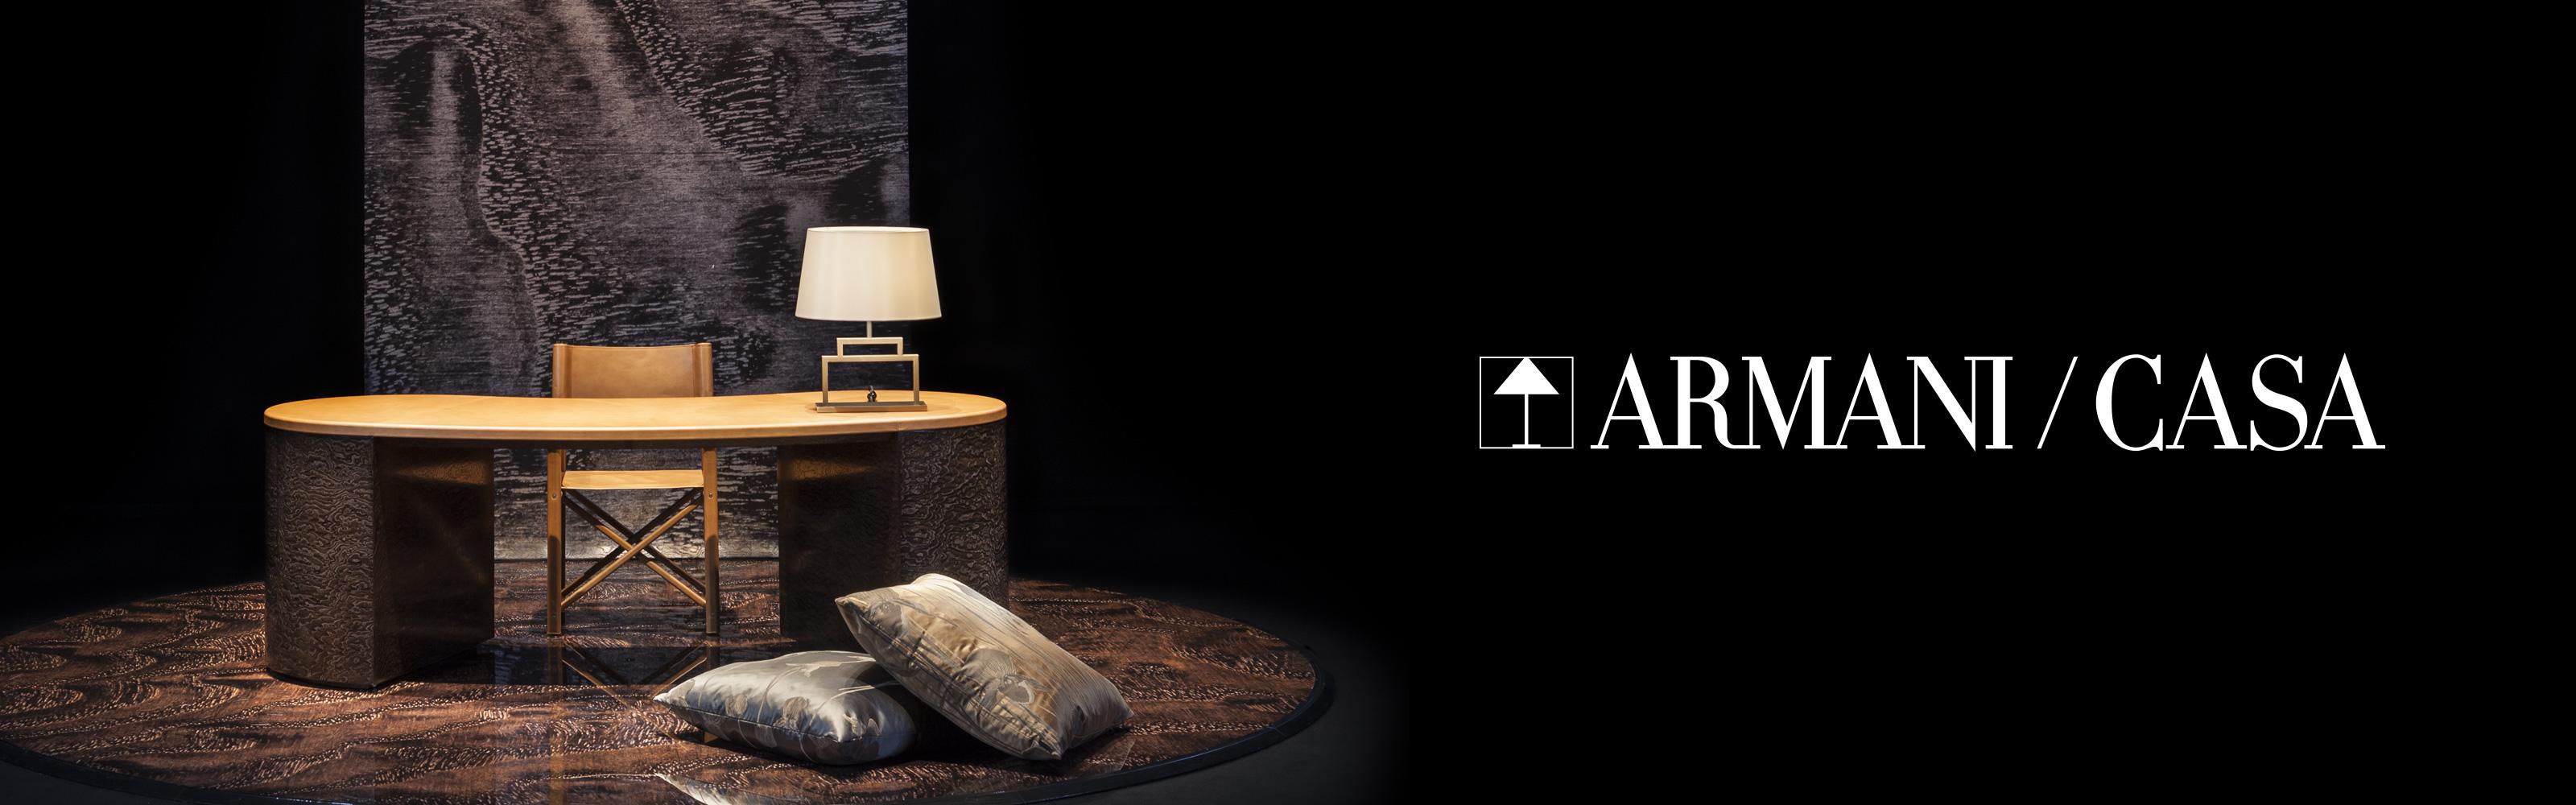 Armanicasa on Armani Casa Design Interior